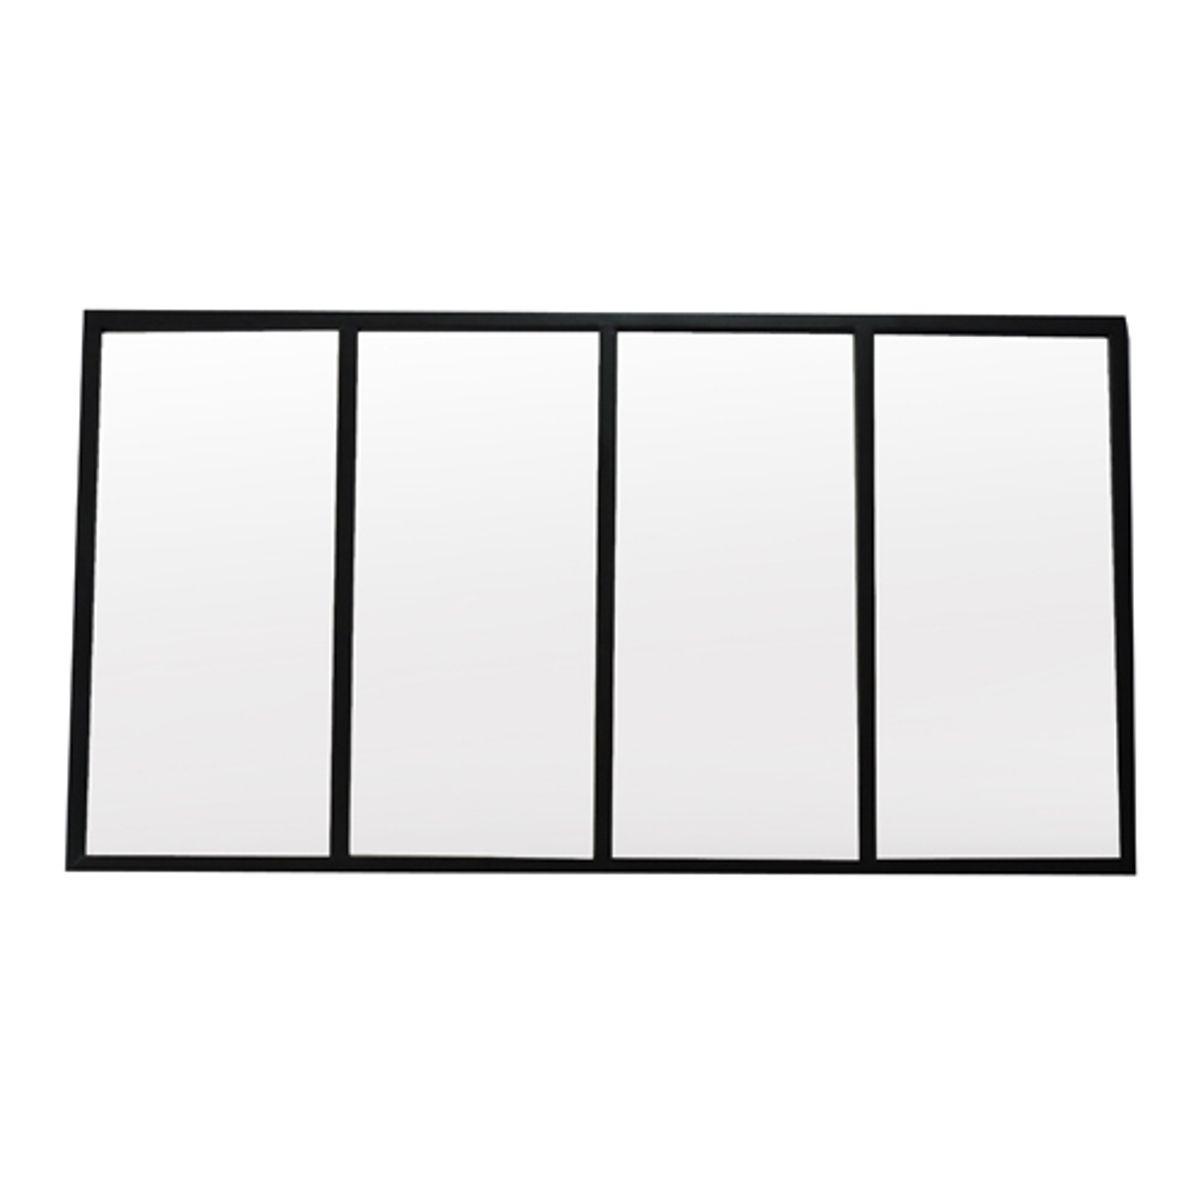 Miroir atelier verrière en métal noir 75x140